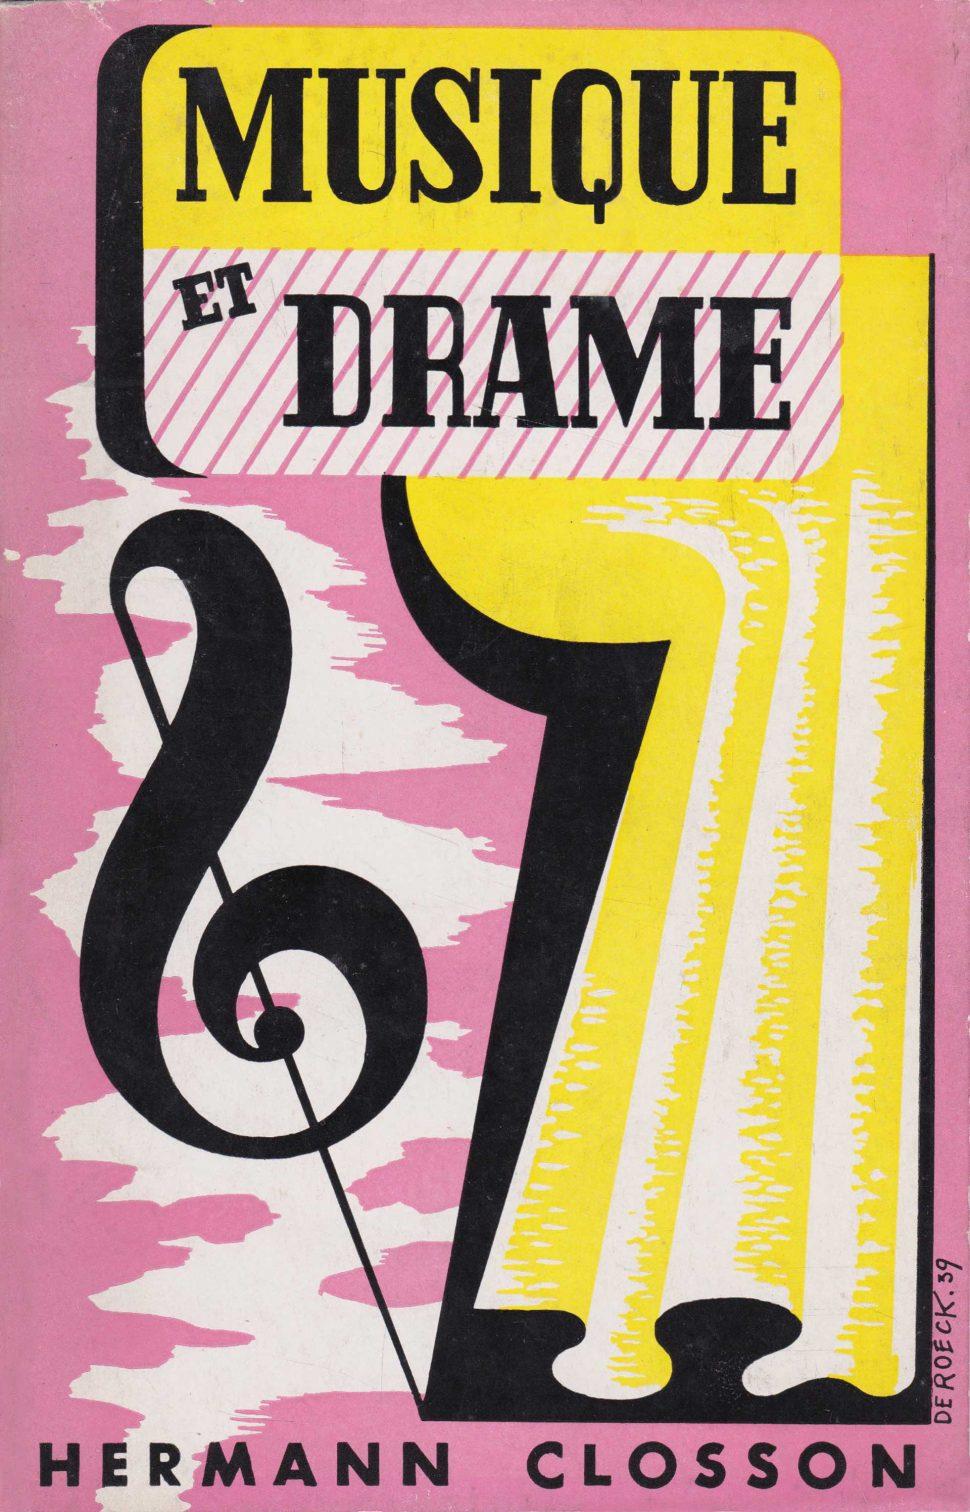 Musique et Drame Hermann Closson - Lucien De Roeck 1939